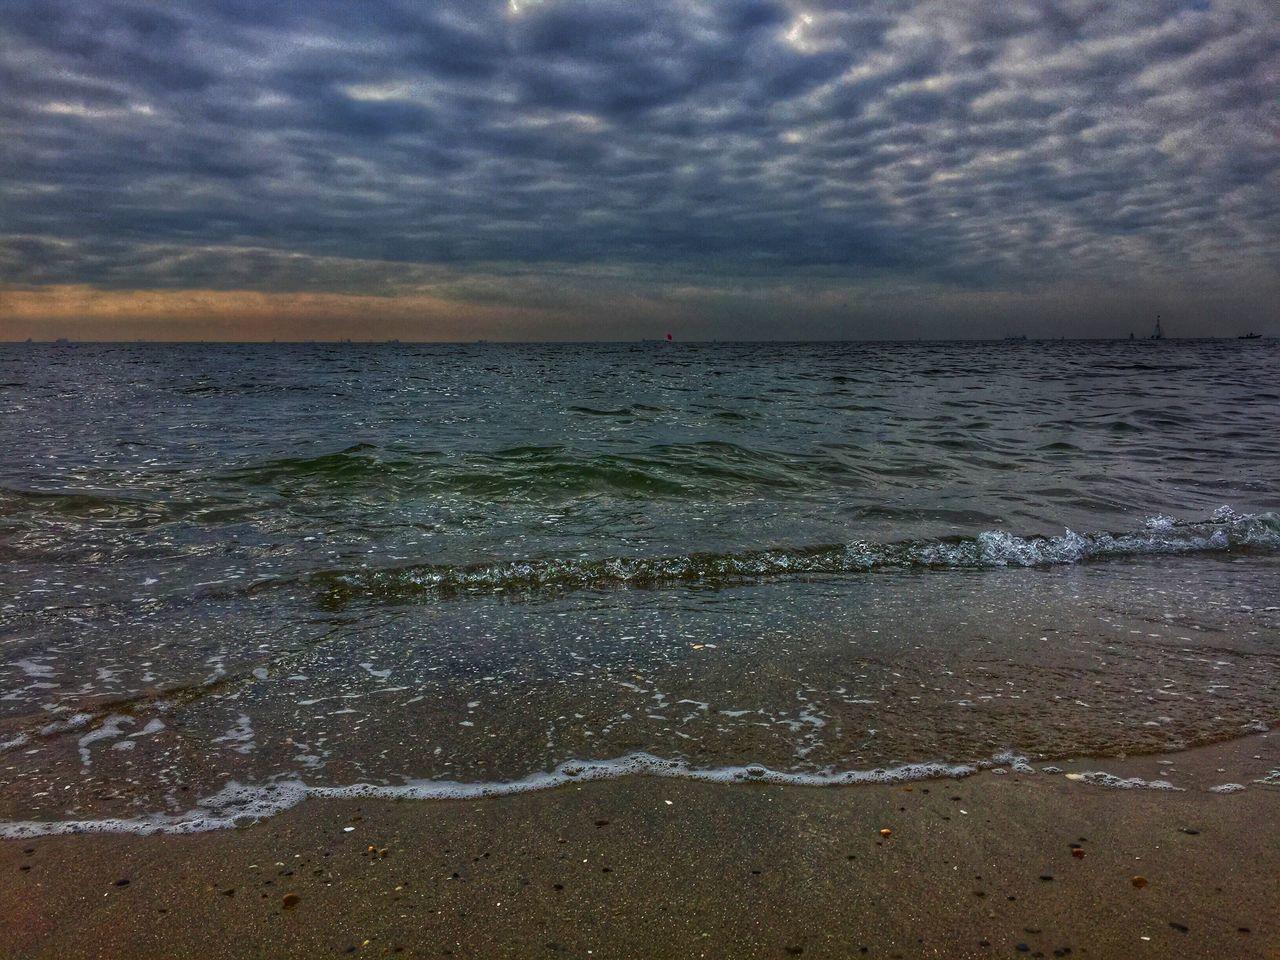 海! IPhoneography Sea And Sky